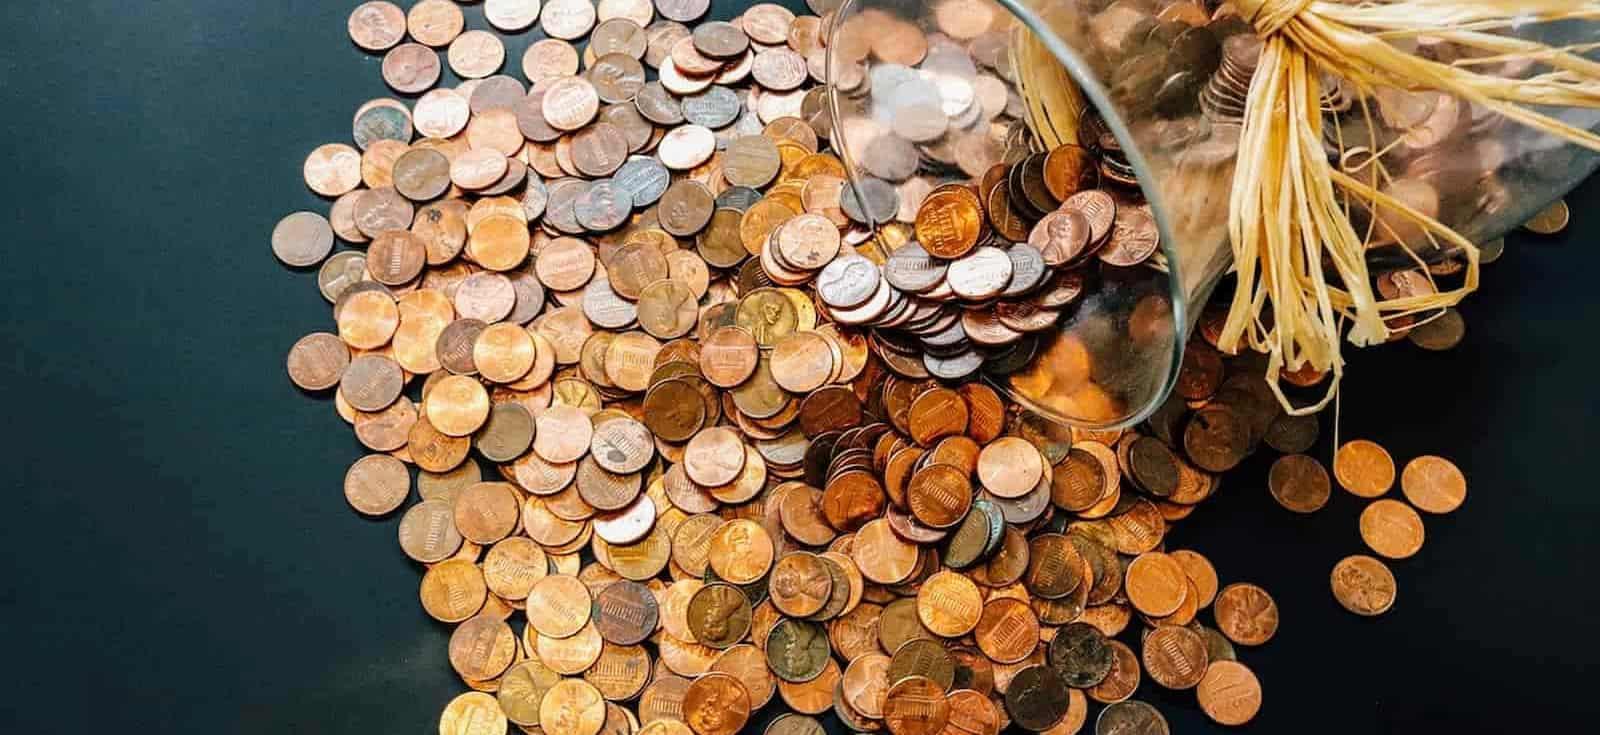 Dinero. SMI. (Imagen de Olya Adamovich en Pixabay)